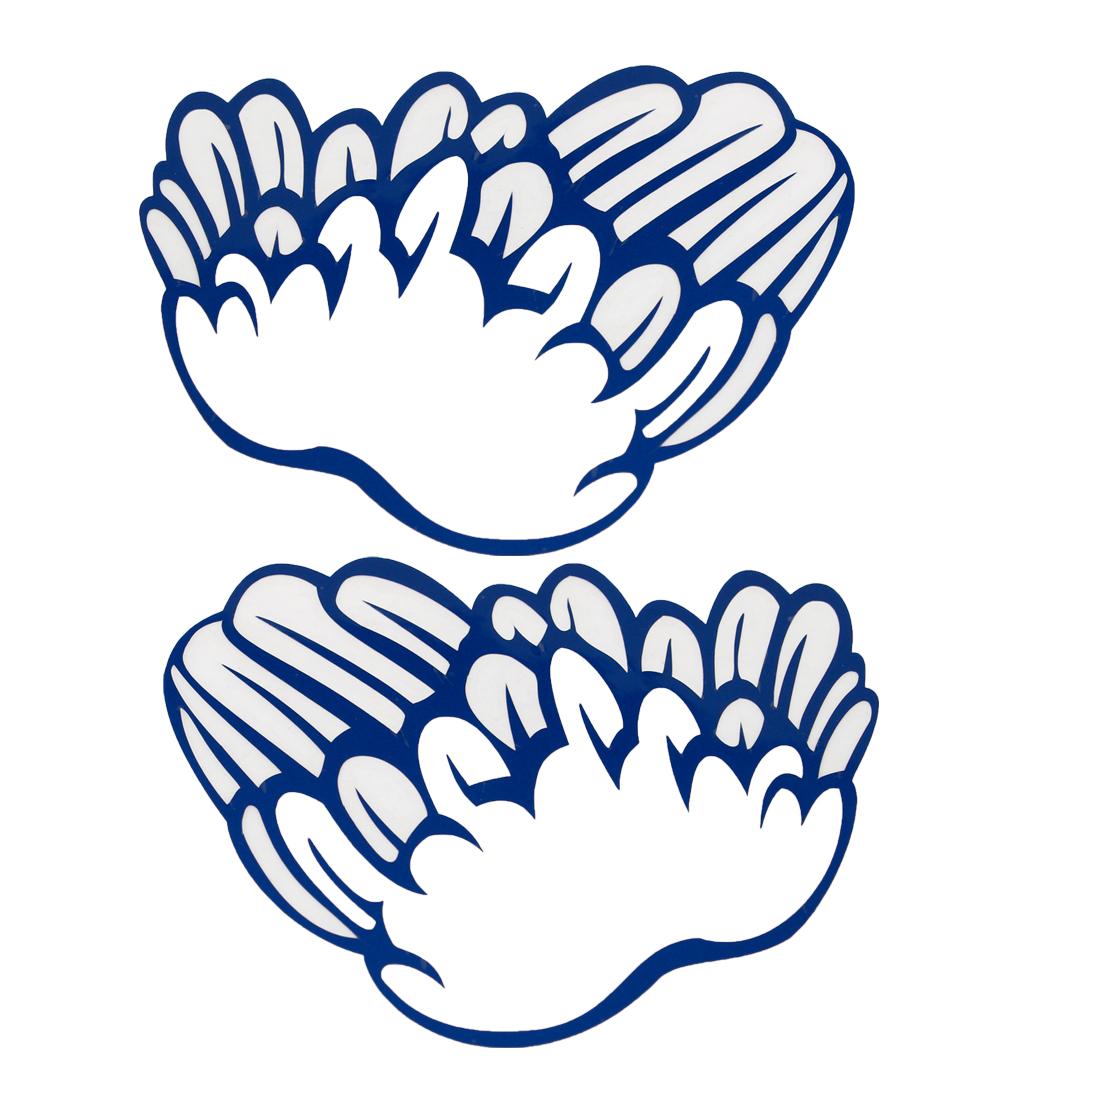 2PCS 12.5cm Long Blue Vinly Feather Design Sticker Decor for Car